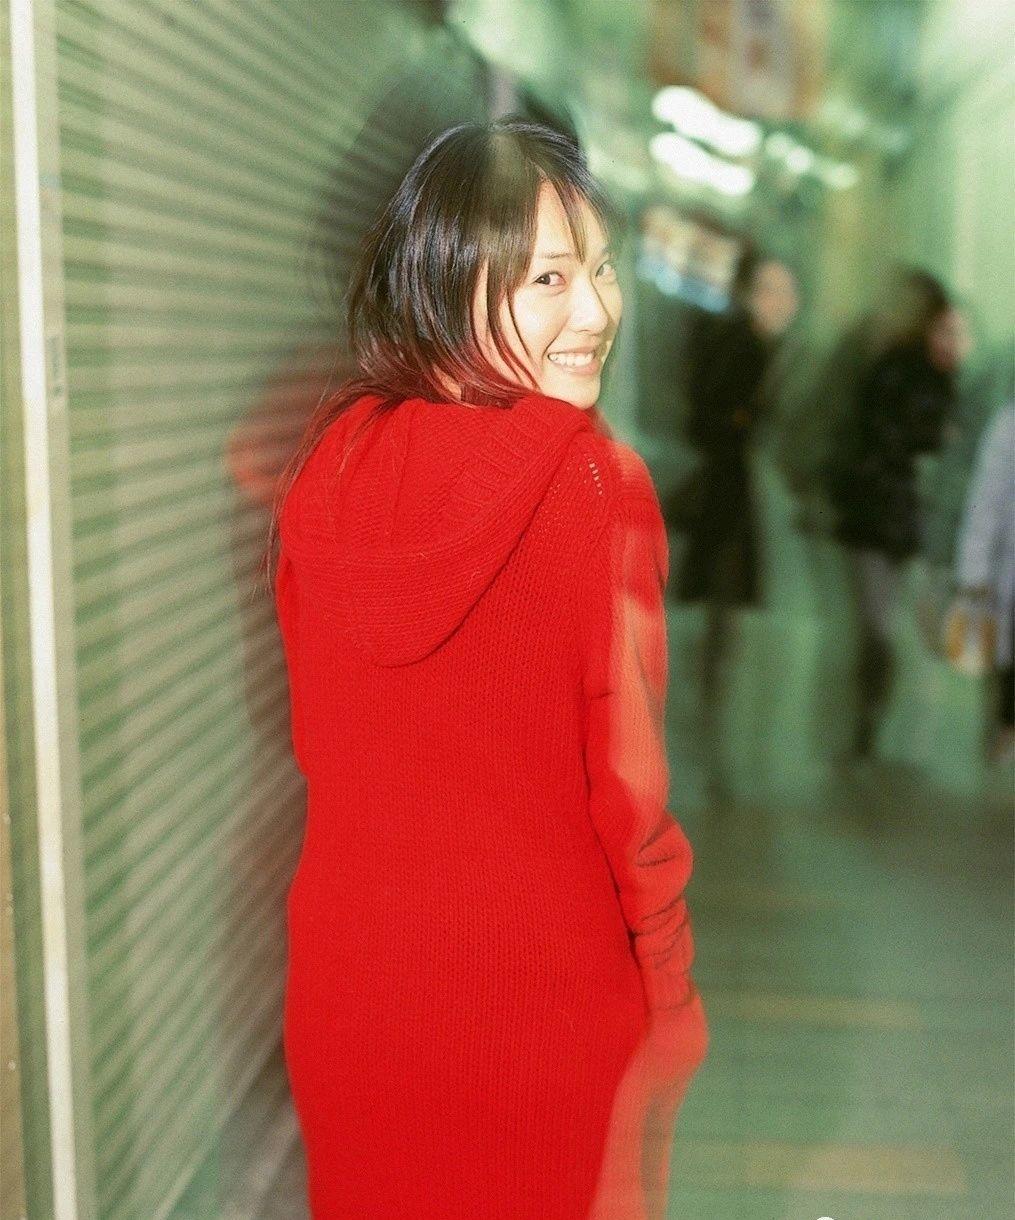 美的不可方物少女时代的户田惠梨香写真作品 (1)